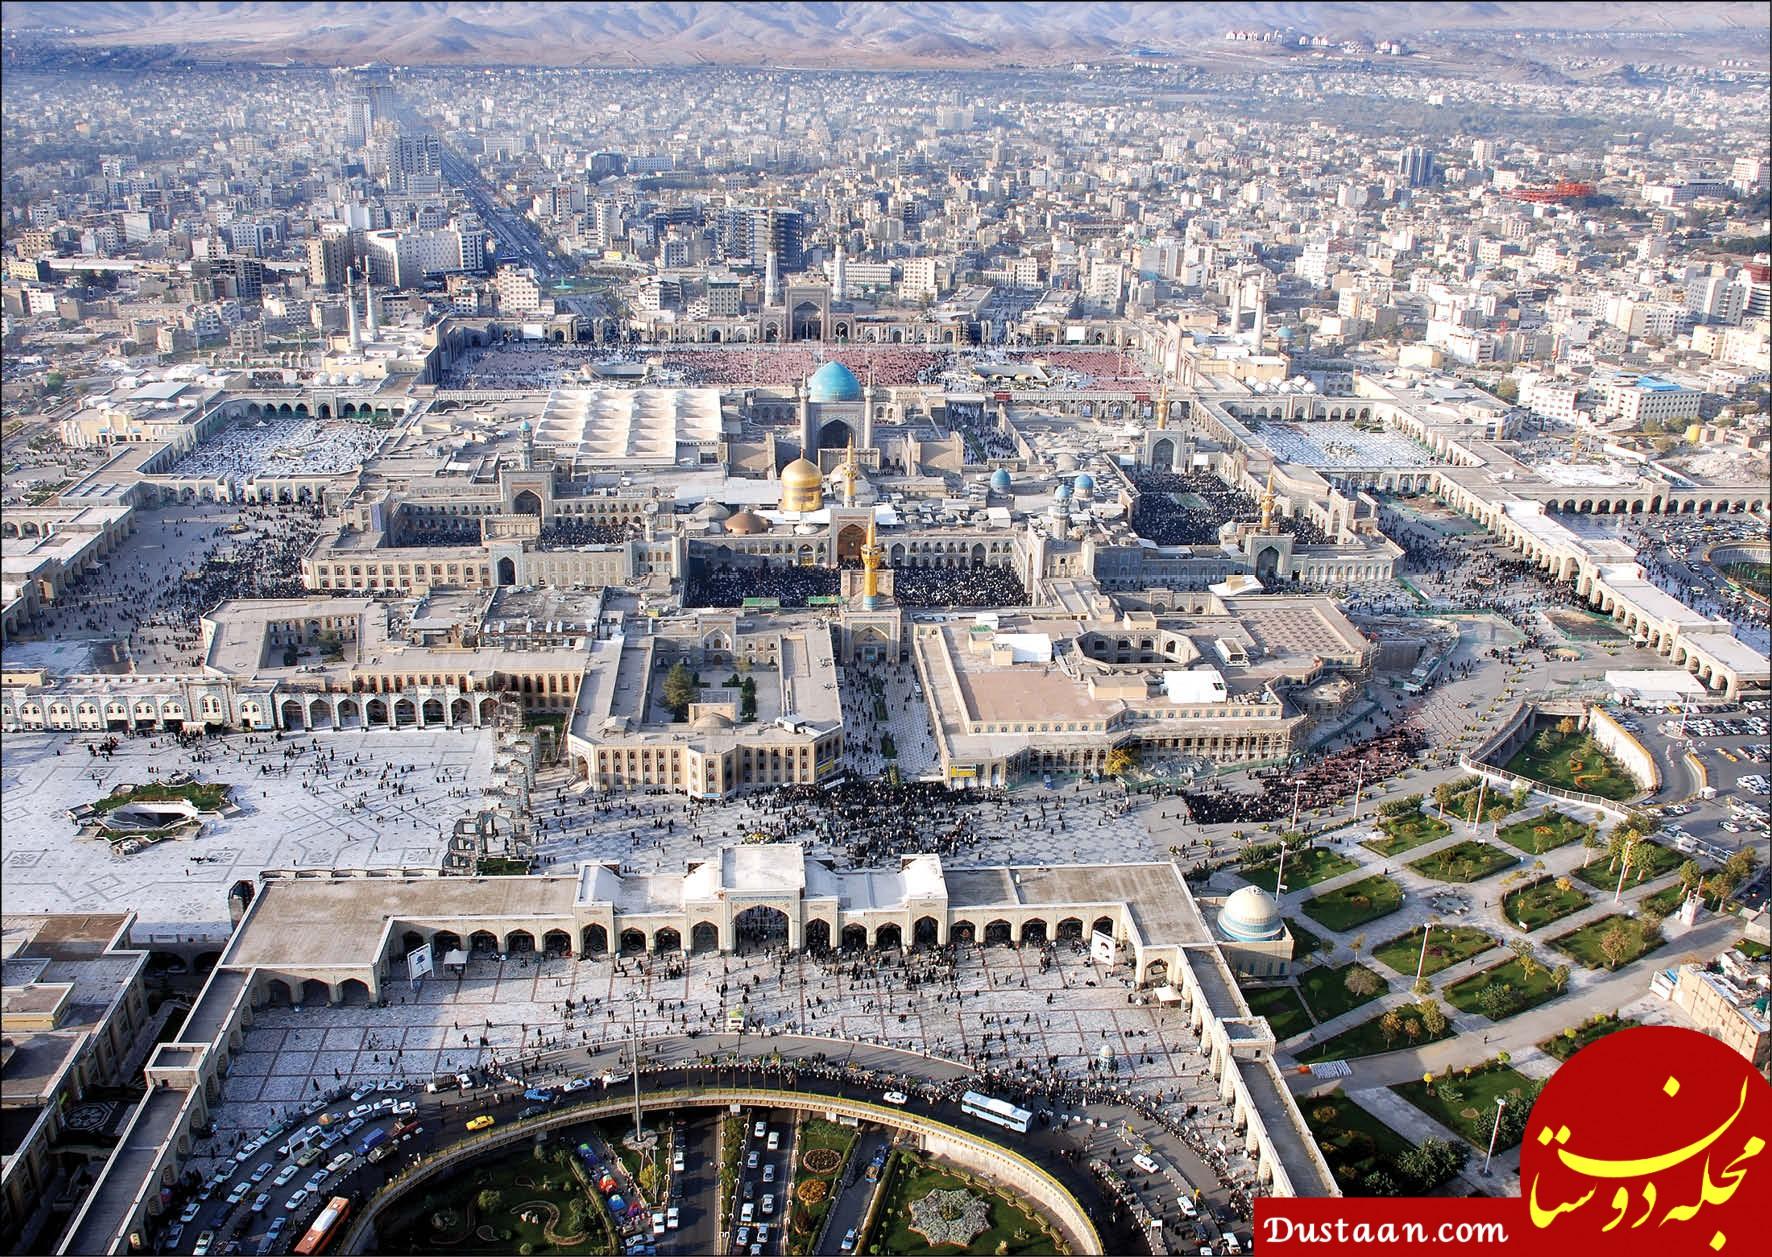 تصویب طرح تفصیلی بافت اطراف حرم در شورای عالی شهرسازی وچند نکته